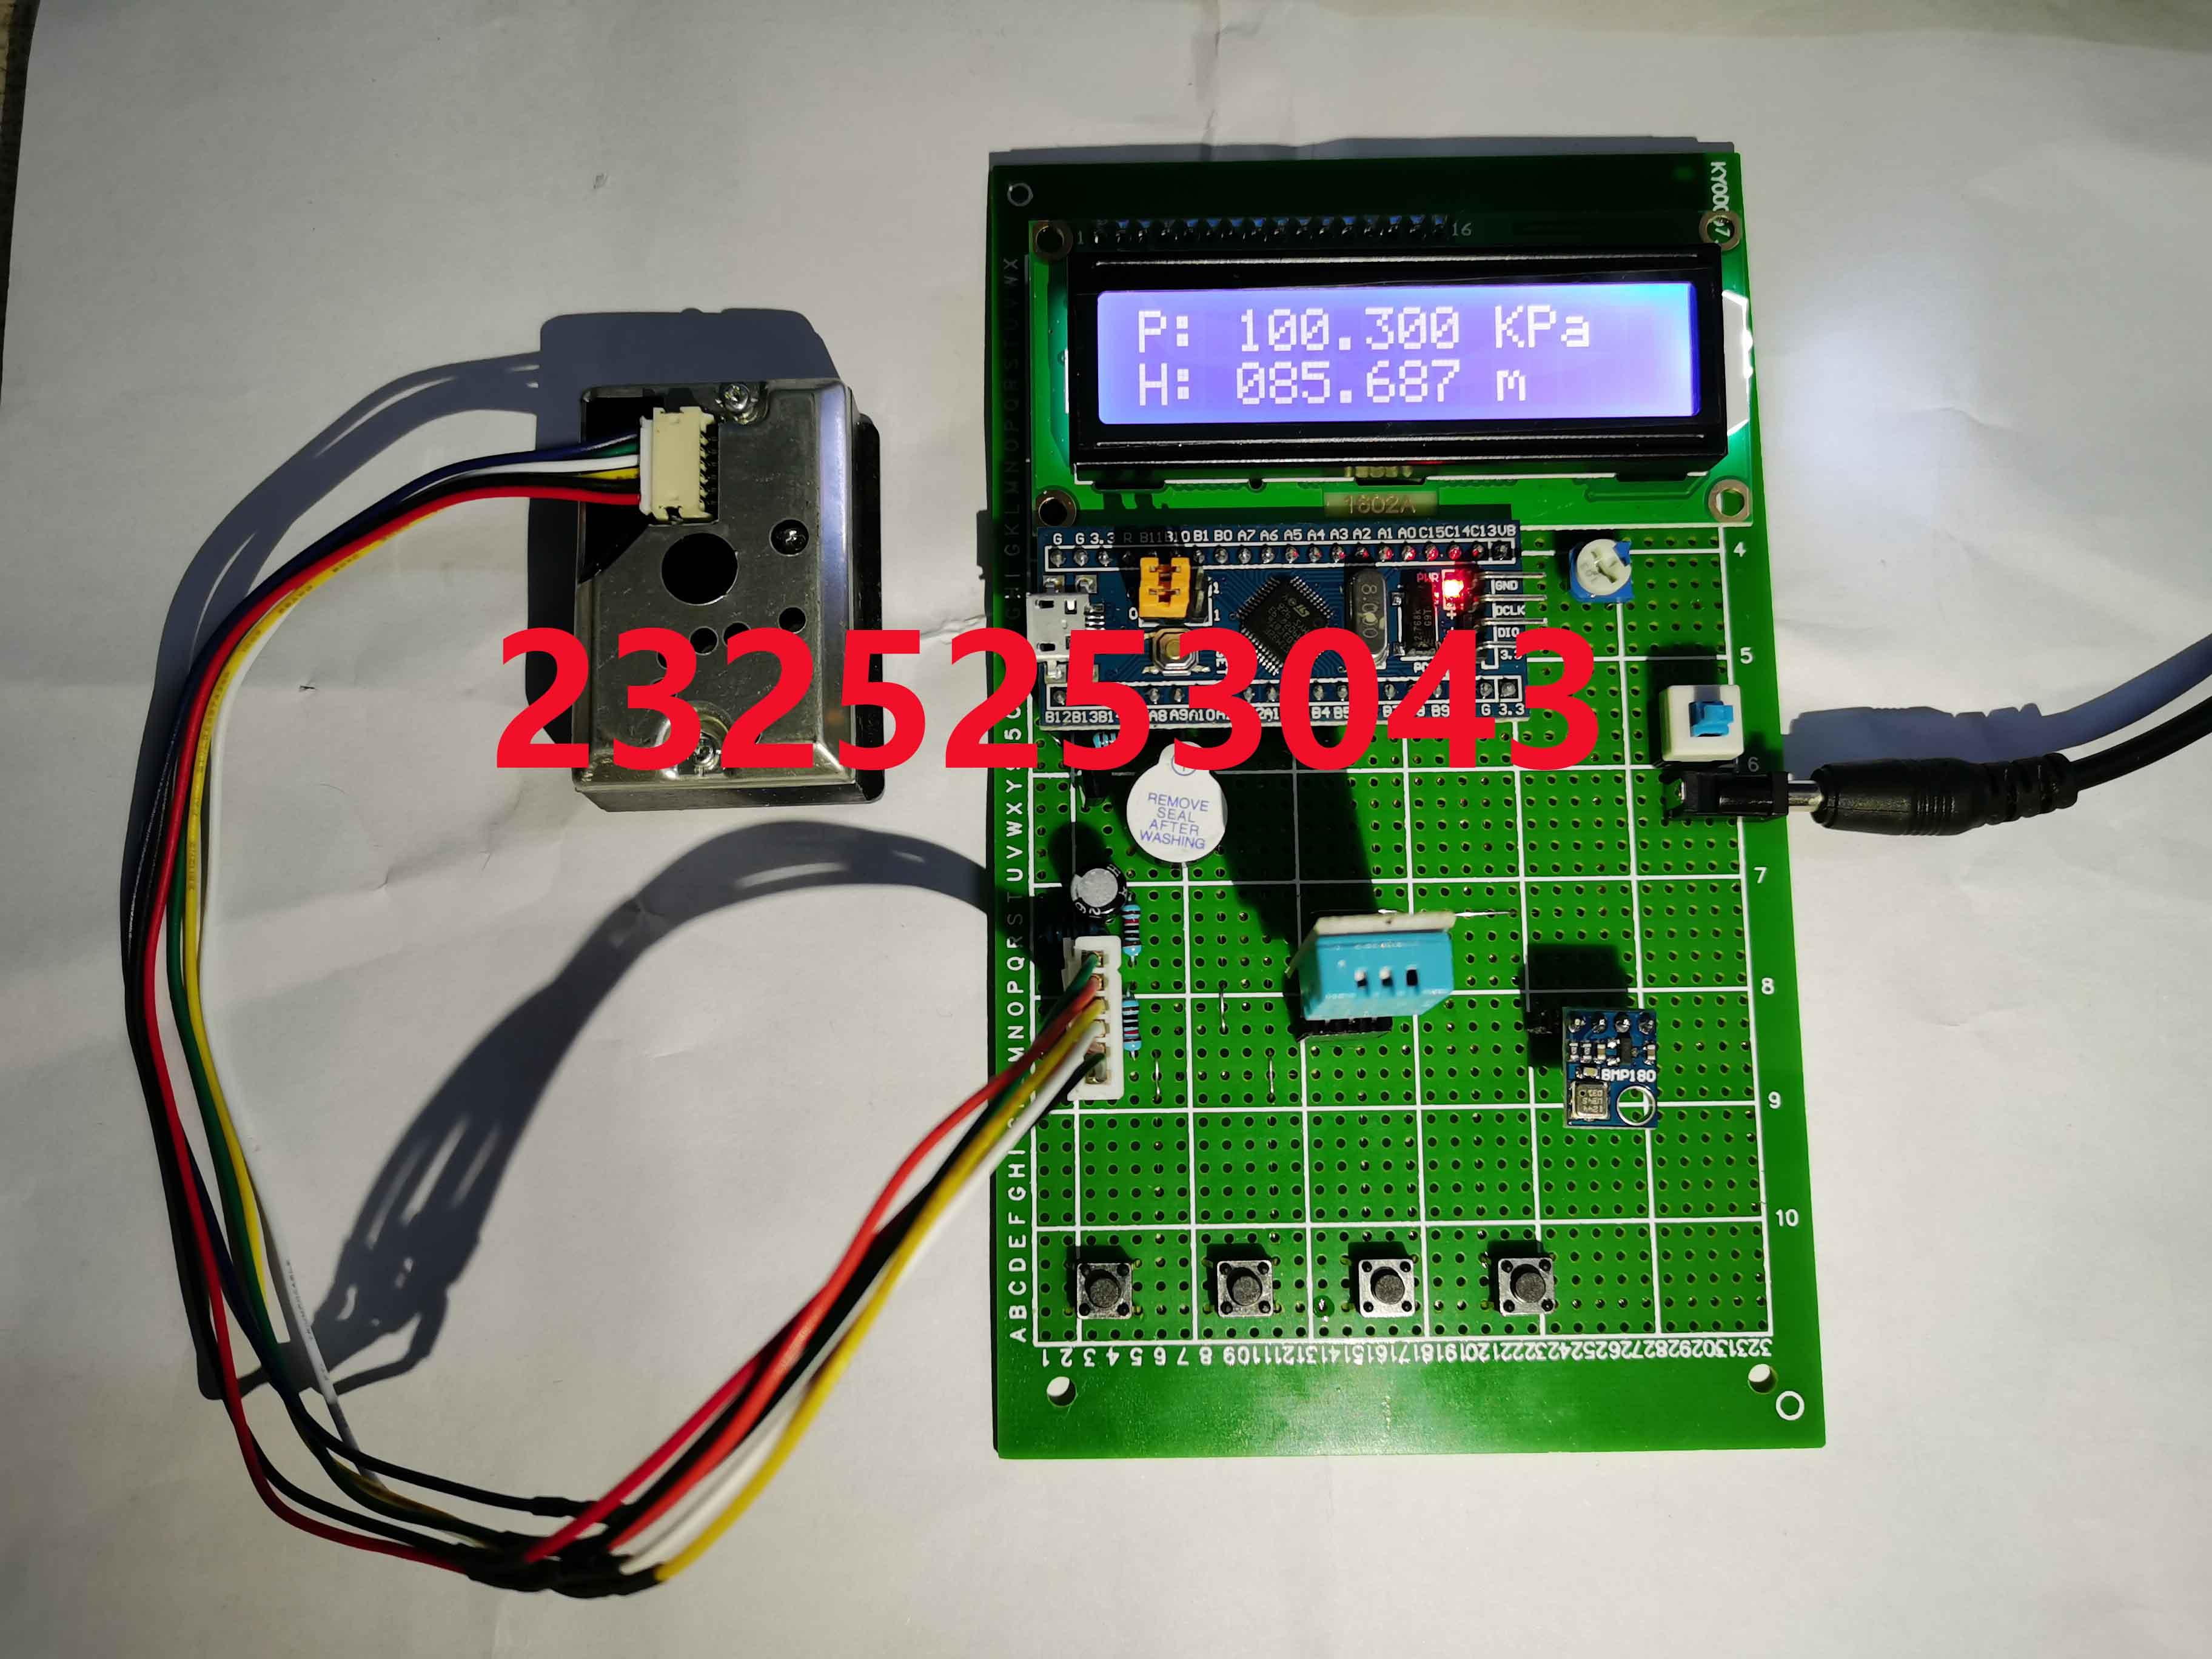 基于stm32的空气质量监测系统设计—监控PM2.5、温湿度、海拔、气压(全套资料)